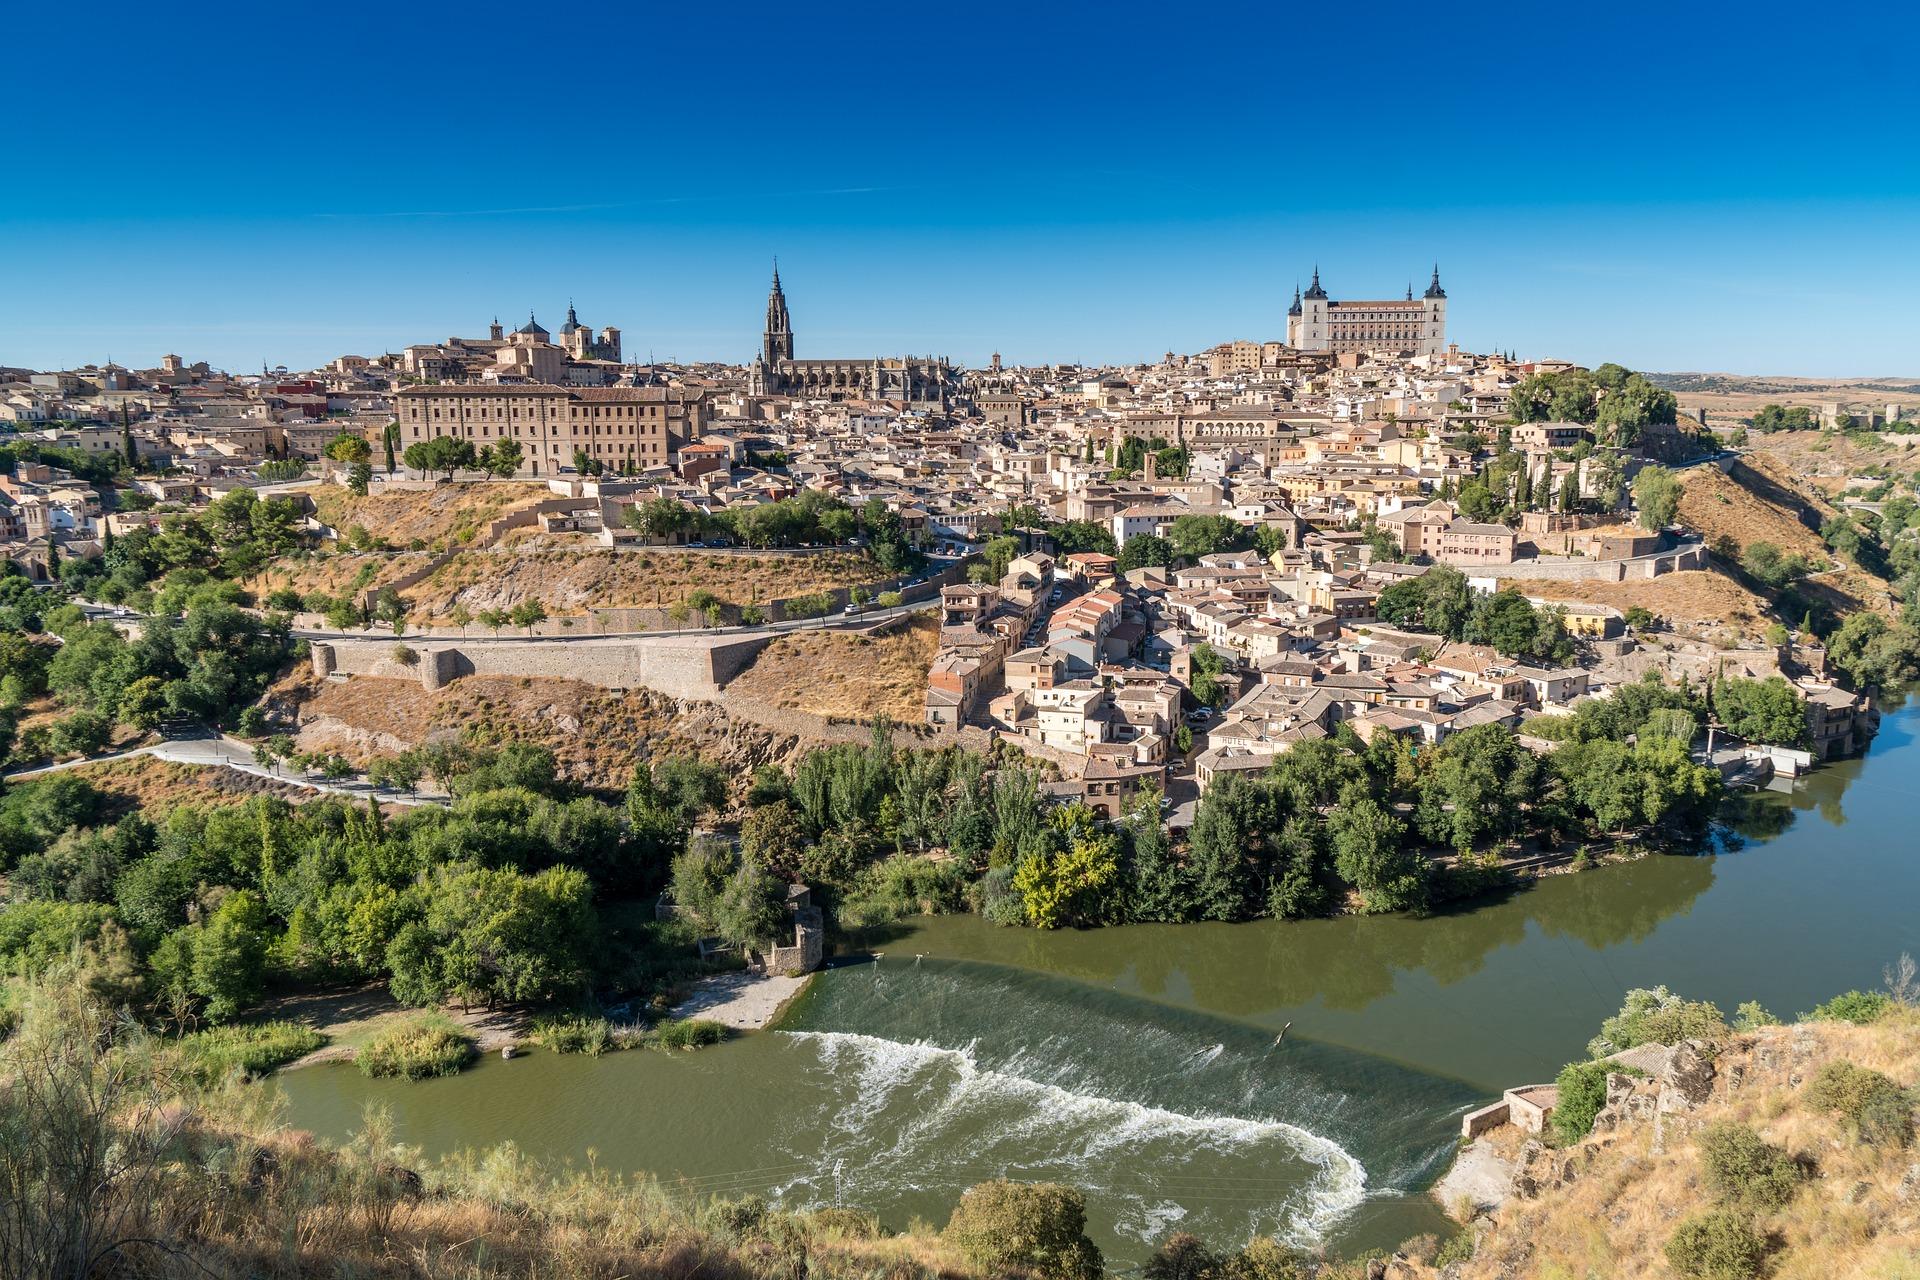 Mirador del Valle de Toledo